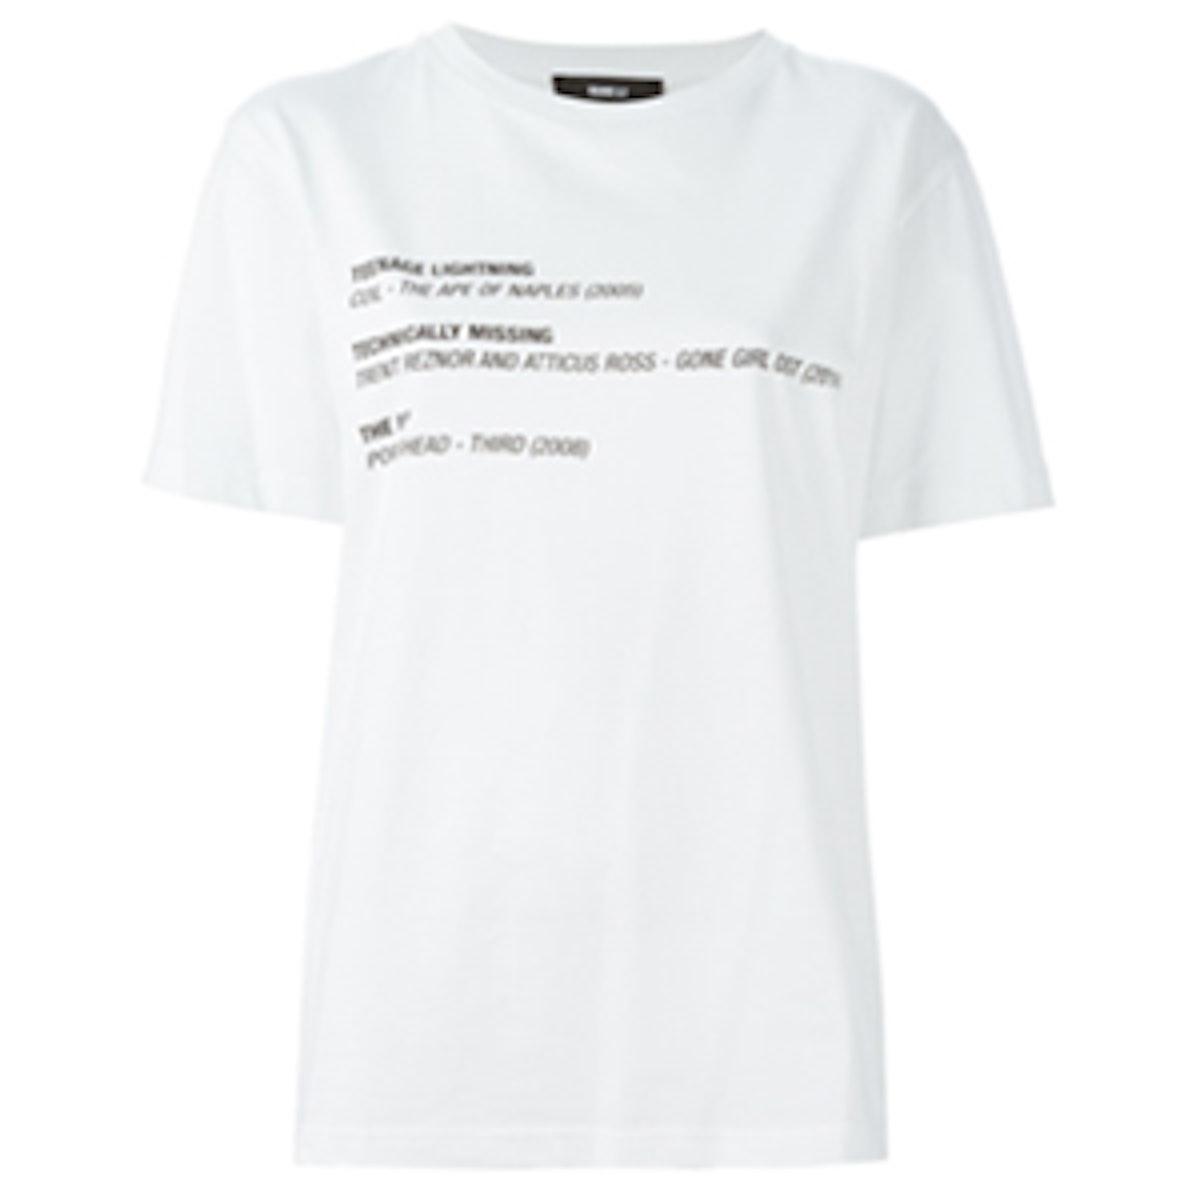 Show Music T-shirt